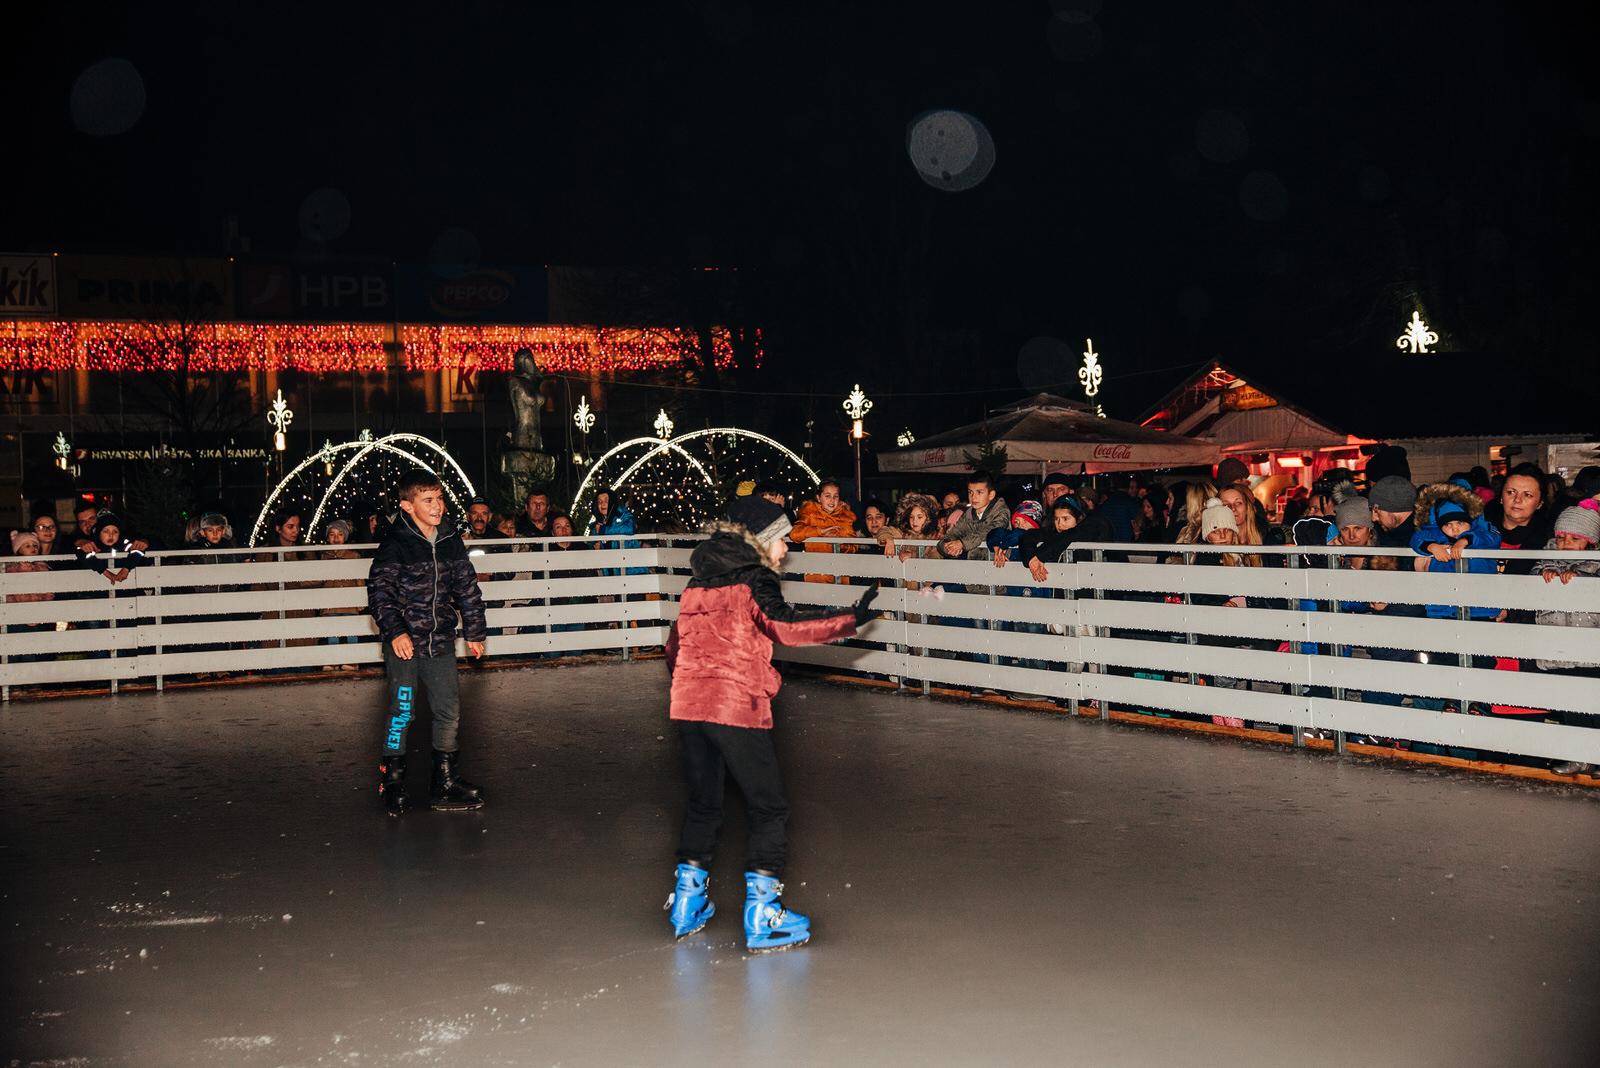 likaclub_prosinac-u-gospiću_otvaranje_2019-21